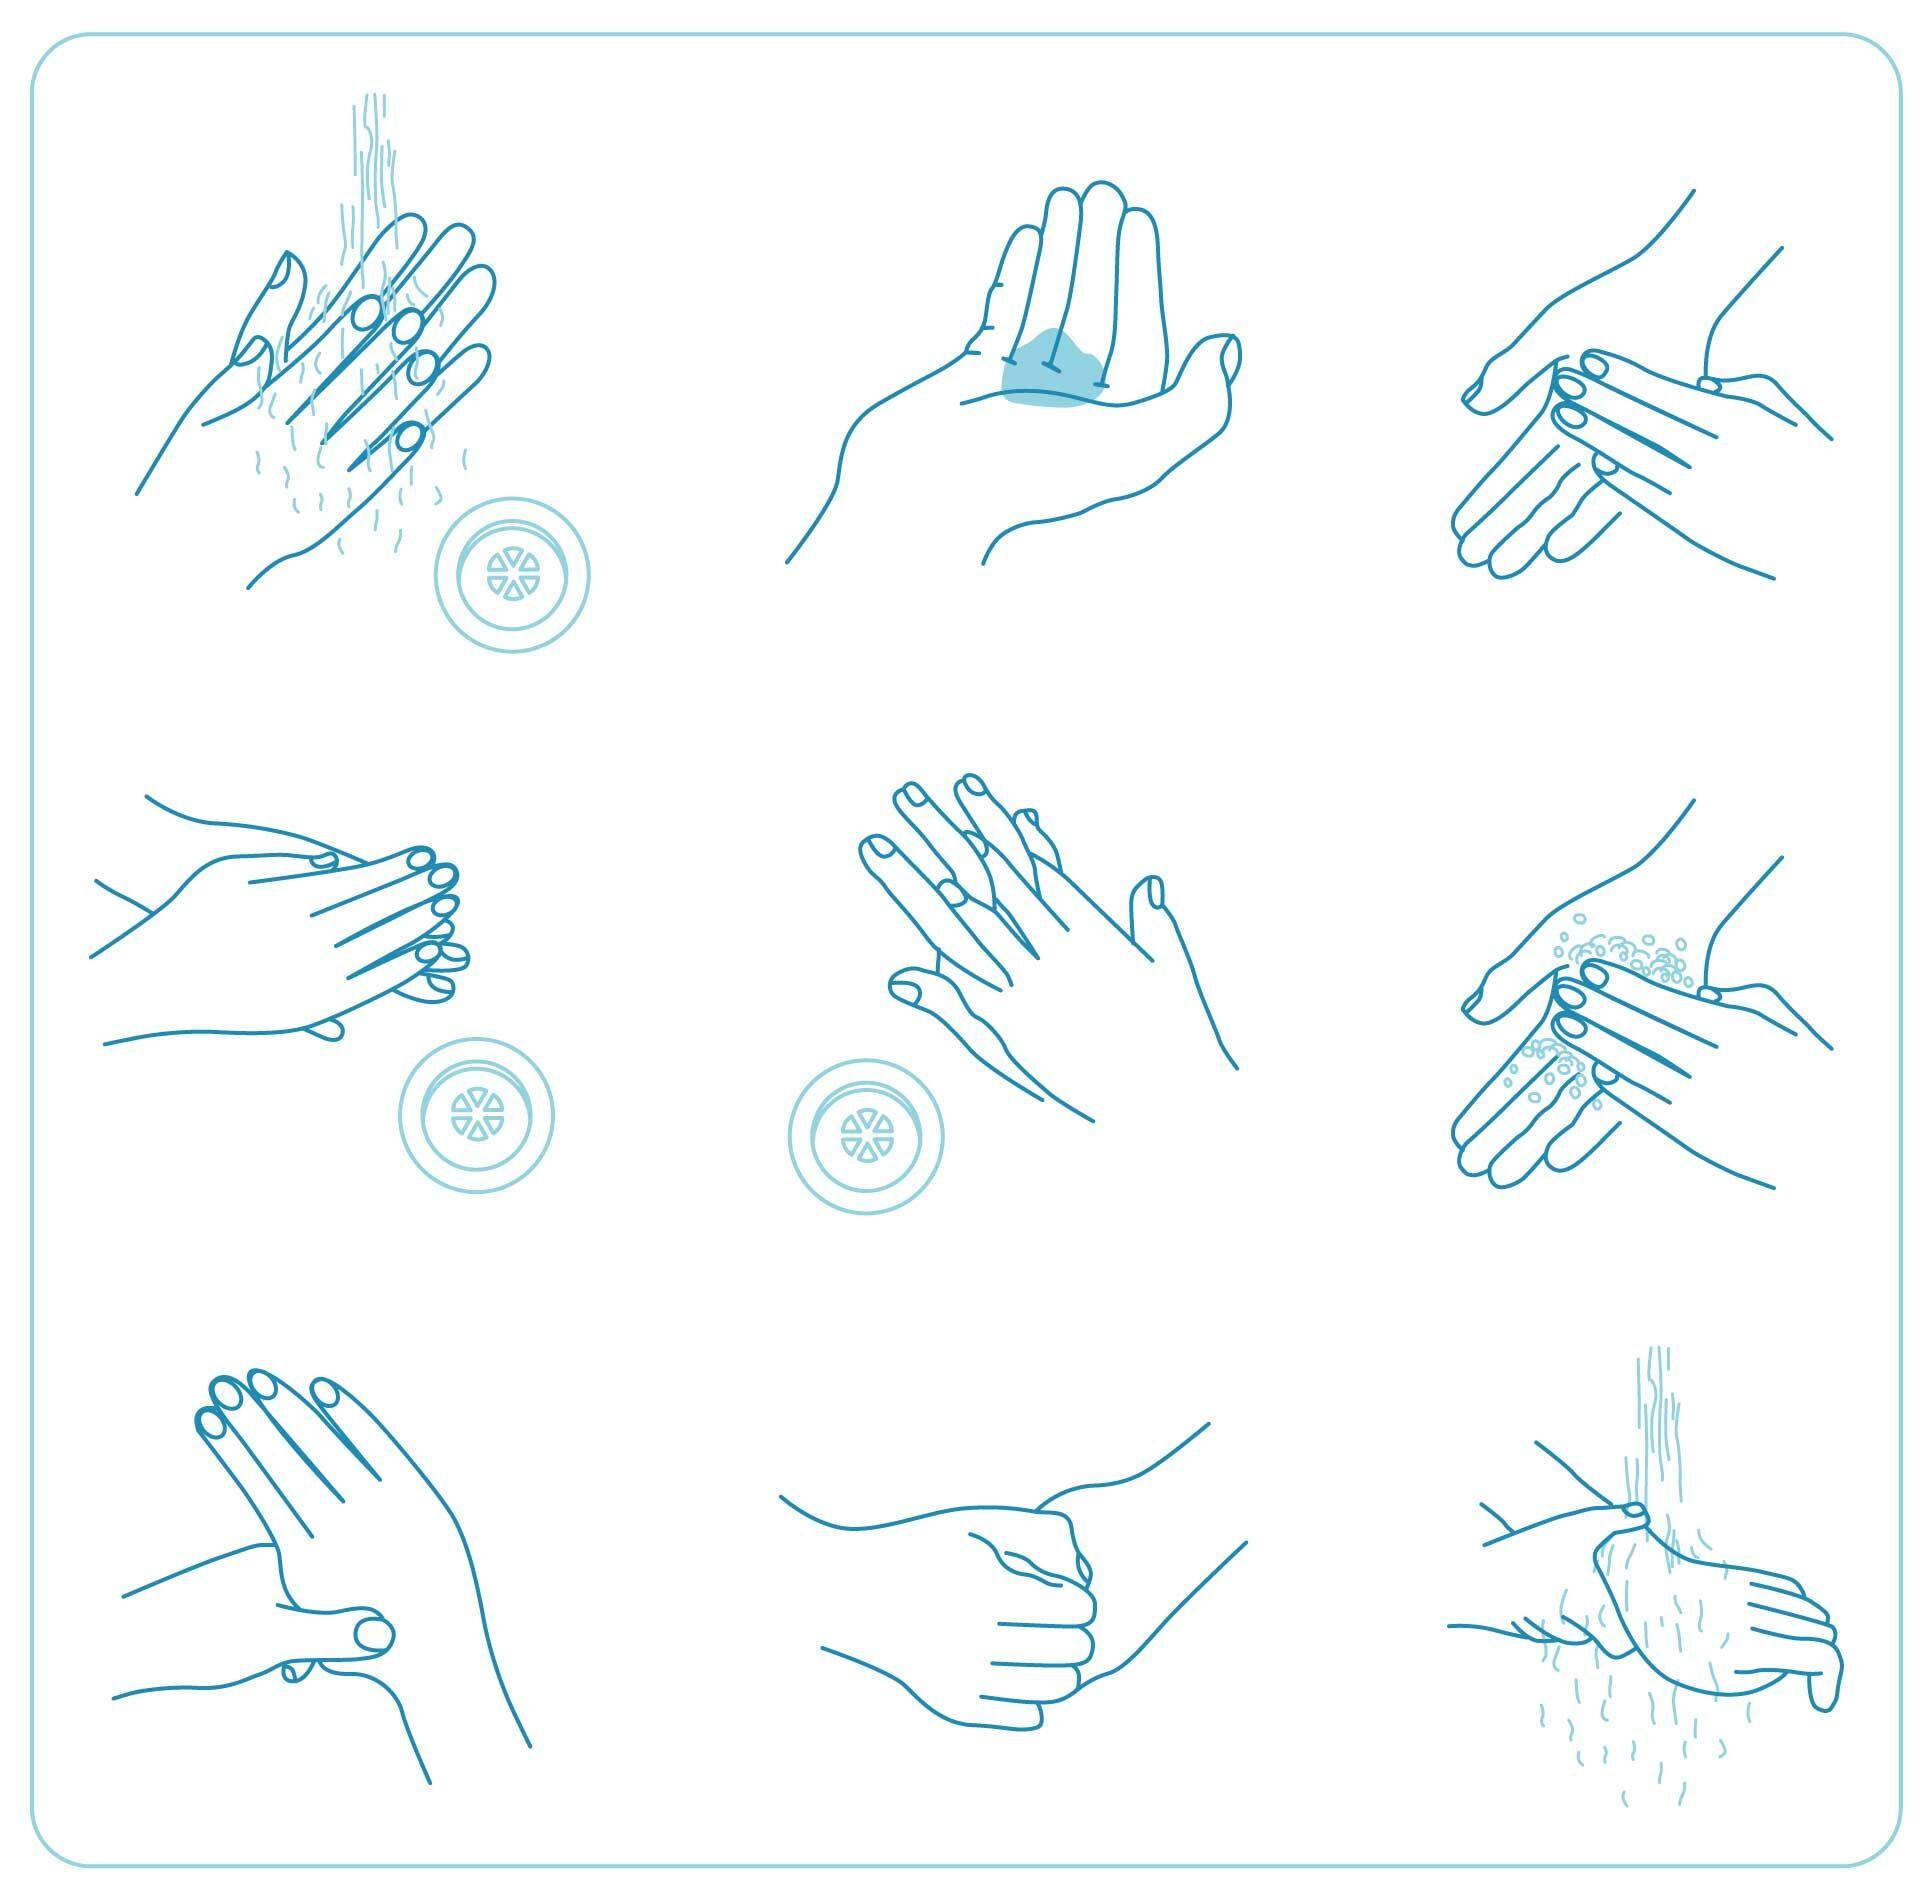 helyes kézmosás lépései